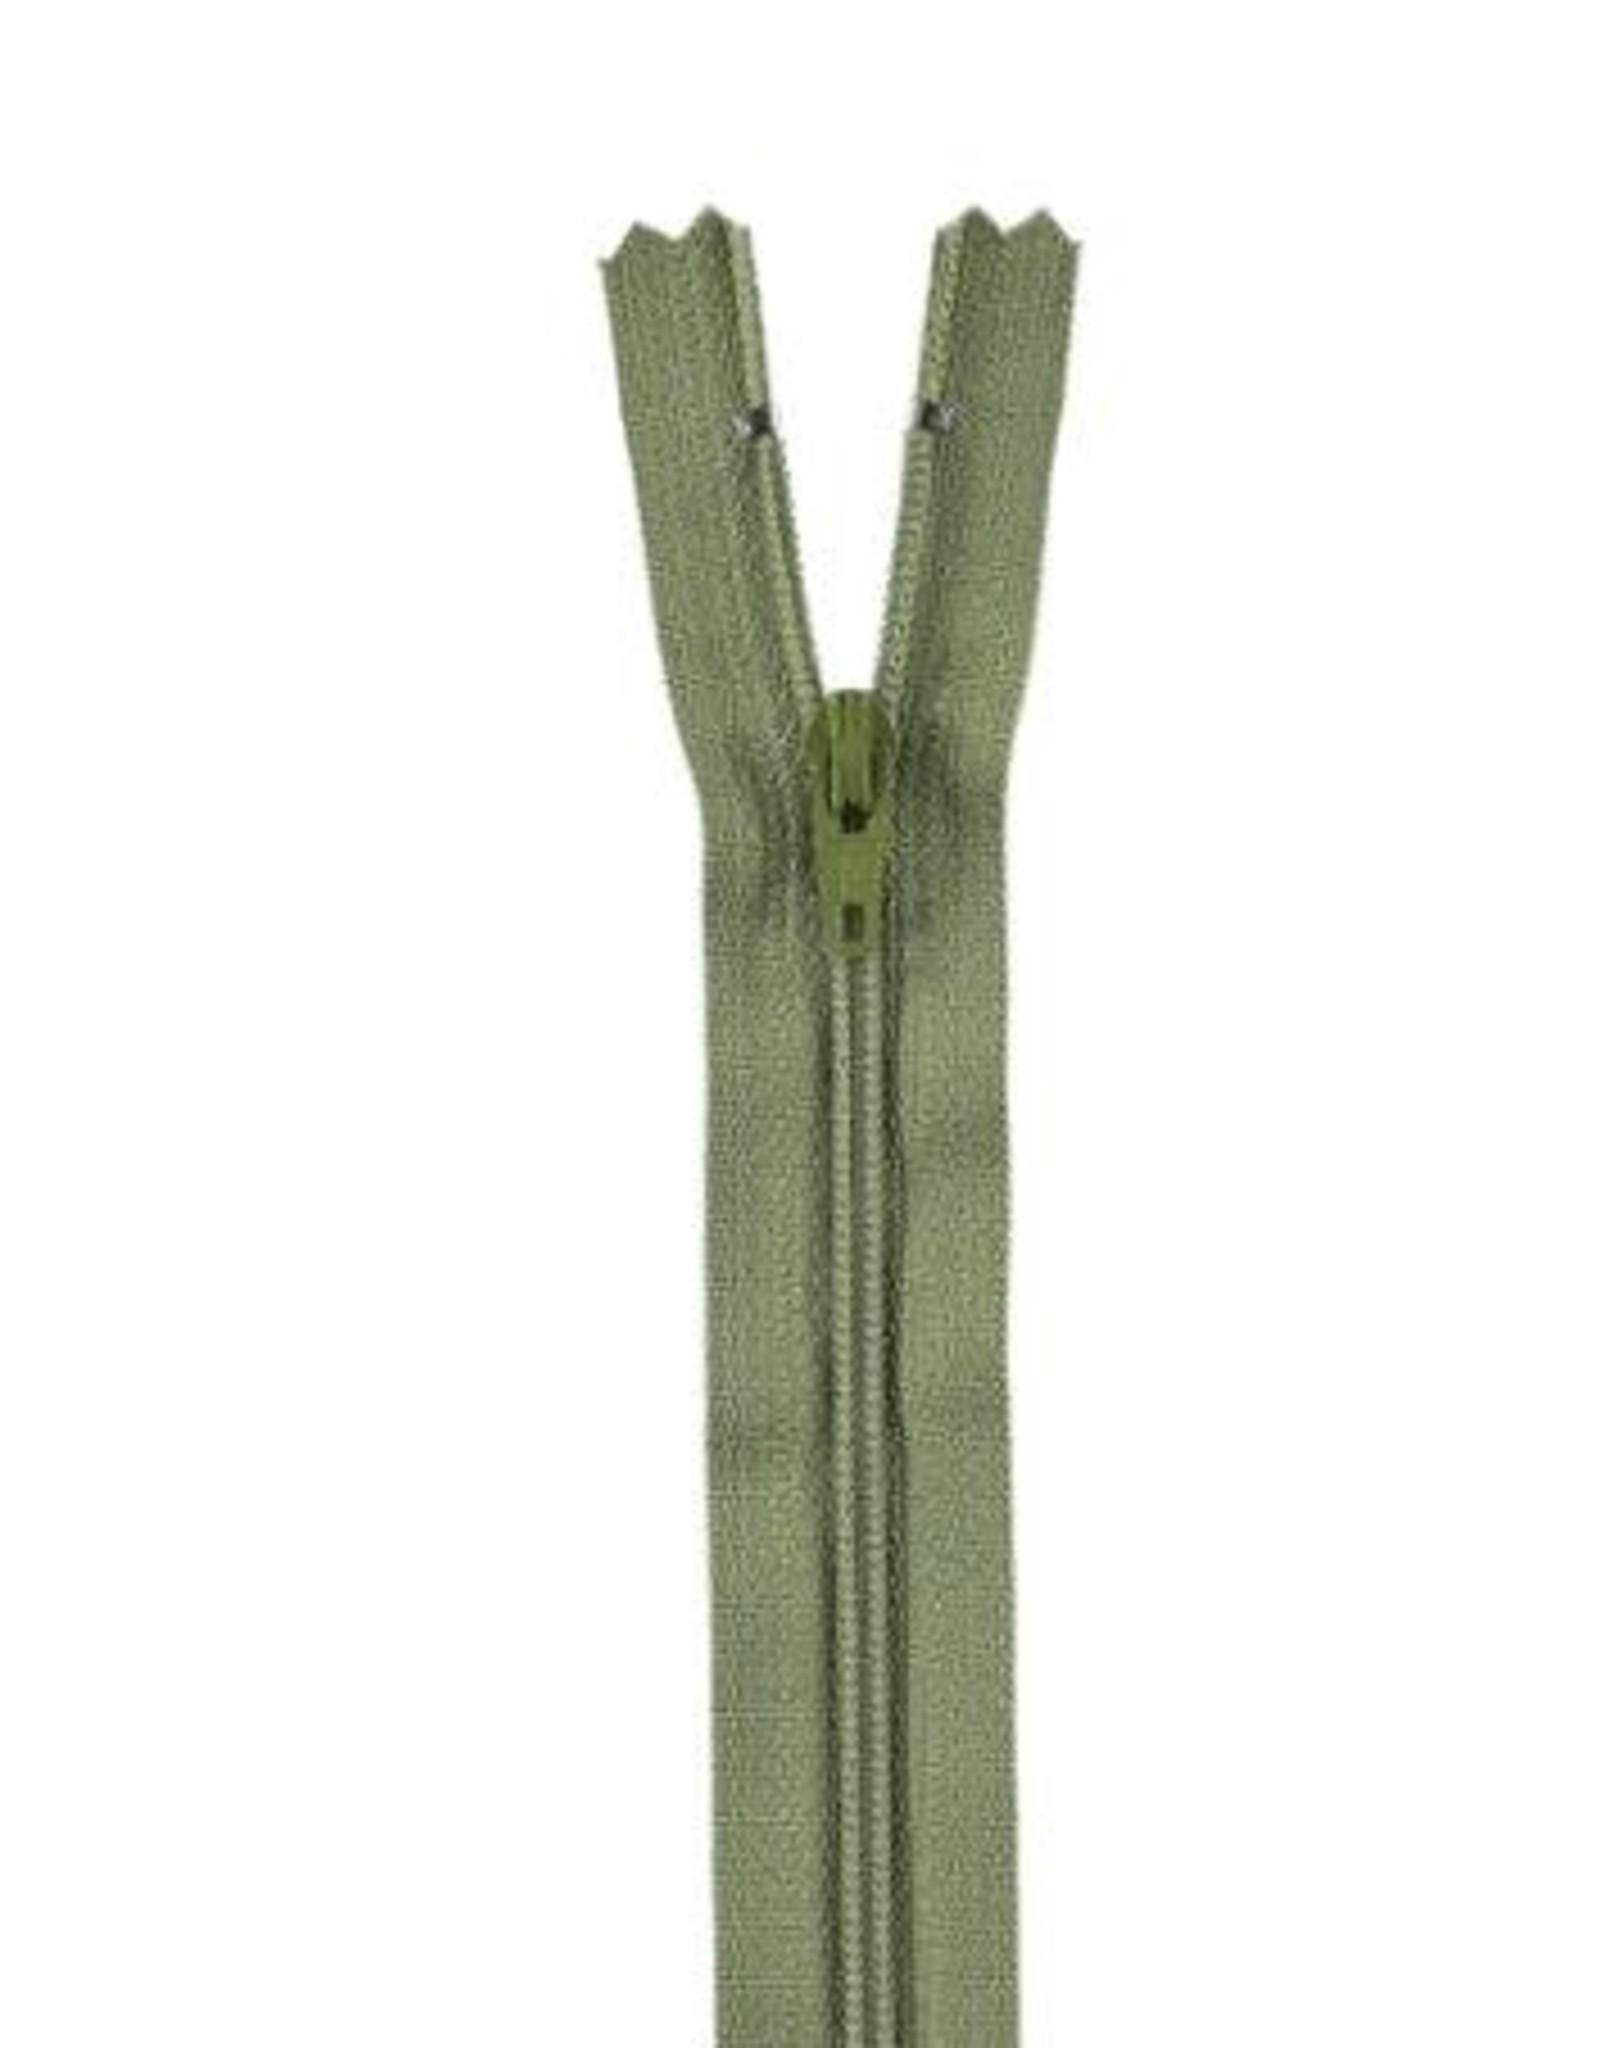 YKK Spiraalrits niet-DB 3mm mosgroen 888-45cm